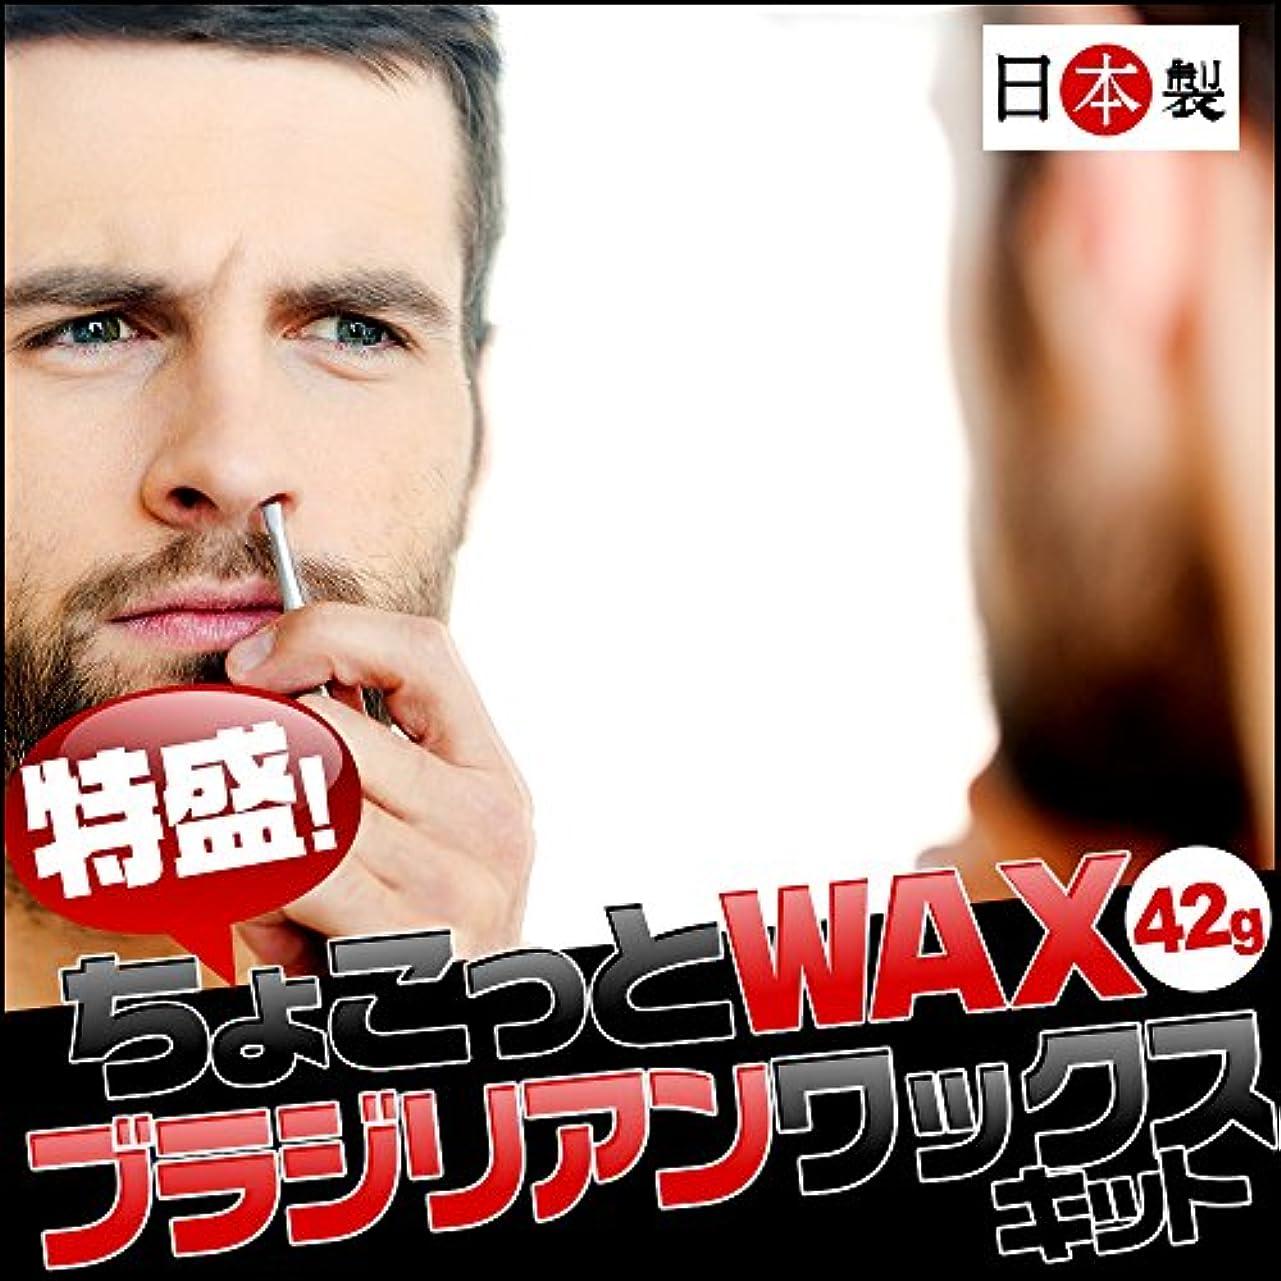 キモい画面広告する日本製ワックスで安心!鼻毛脱毛  特盛  ちょこっとWax 6回分 (鼻毛スティック12本)